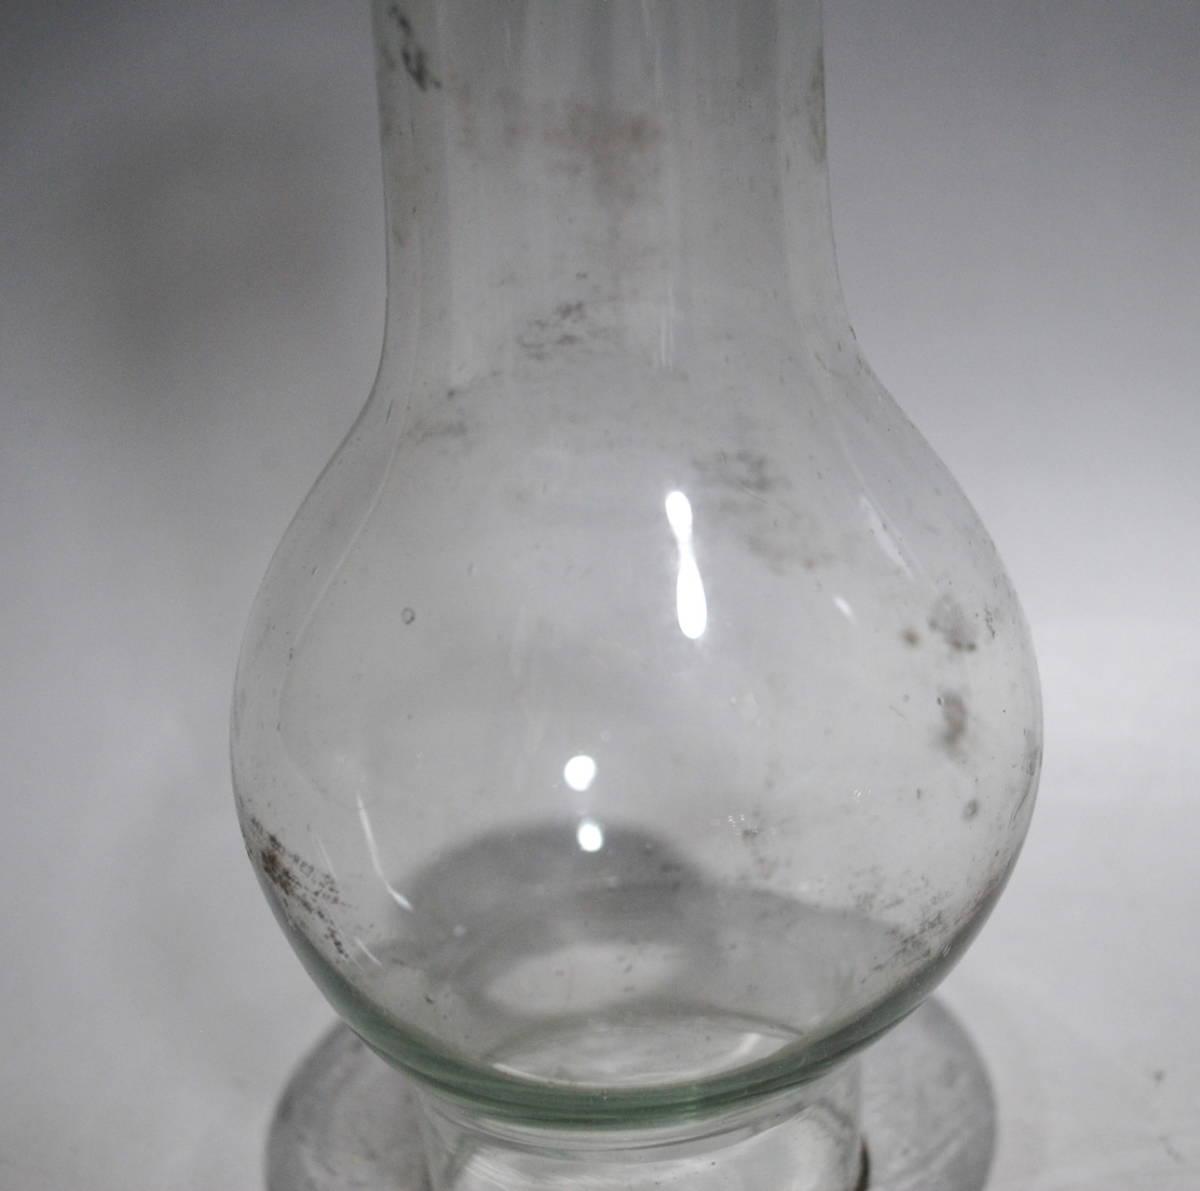 【売切り屋】ホヤガラス 3点 D 大中小 ホヤのみ /アルコールランプ 卓上ランプ 古いオイルランプ アンティーク らっきょうホヤ 豆ランプ_画像3